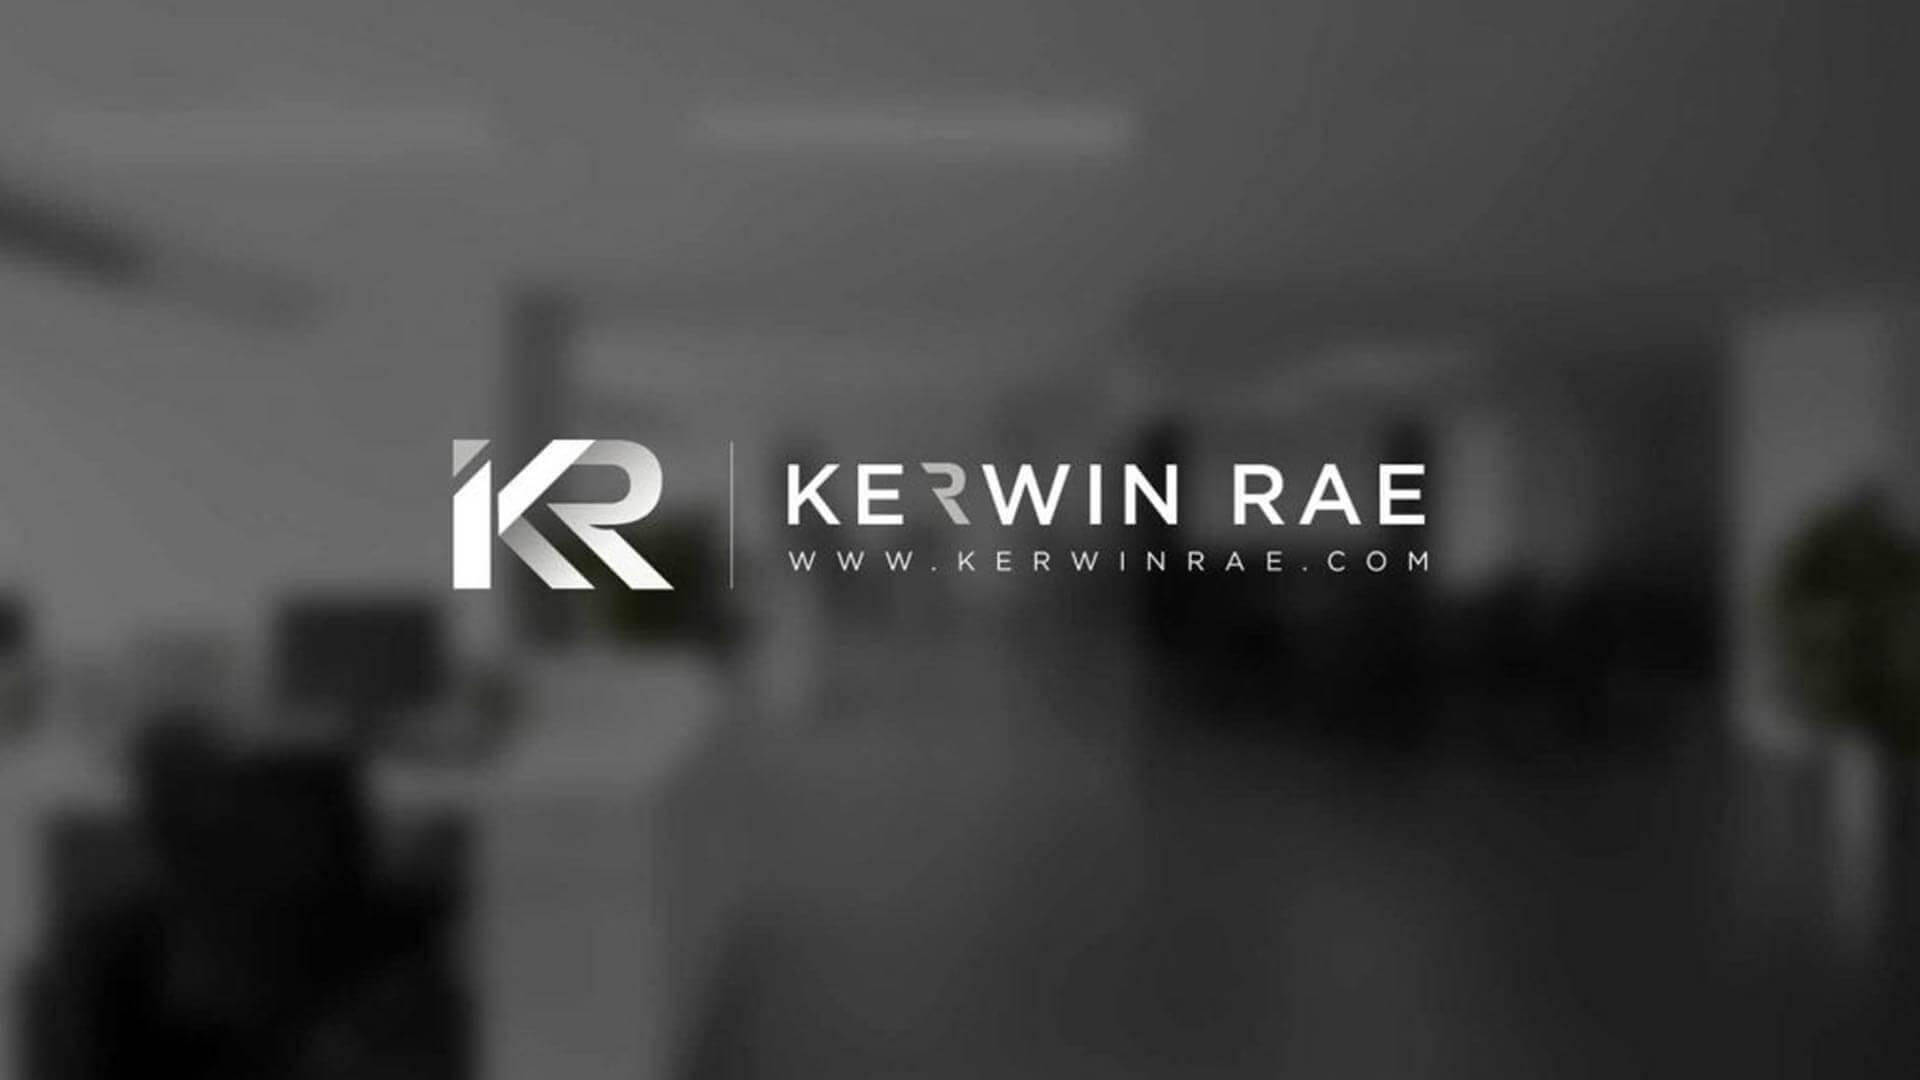 Kerwin Rae